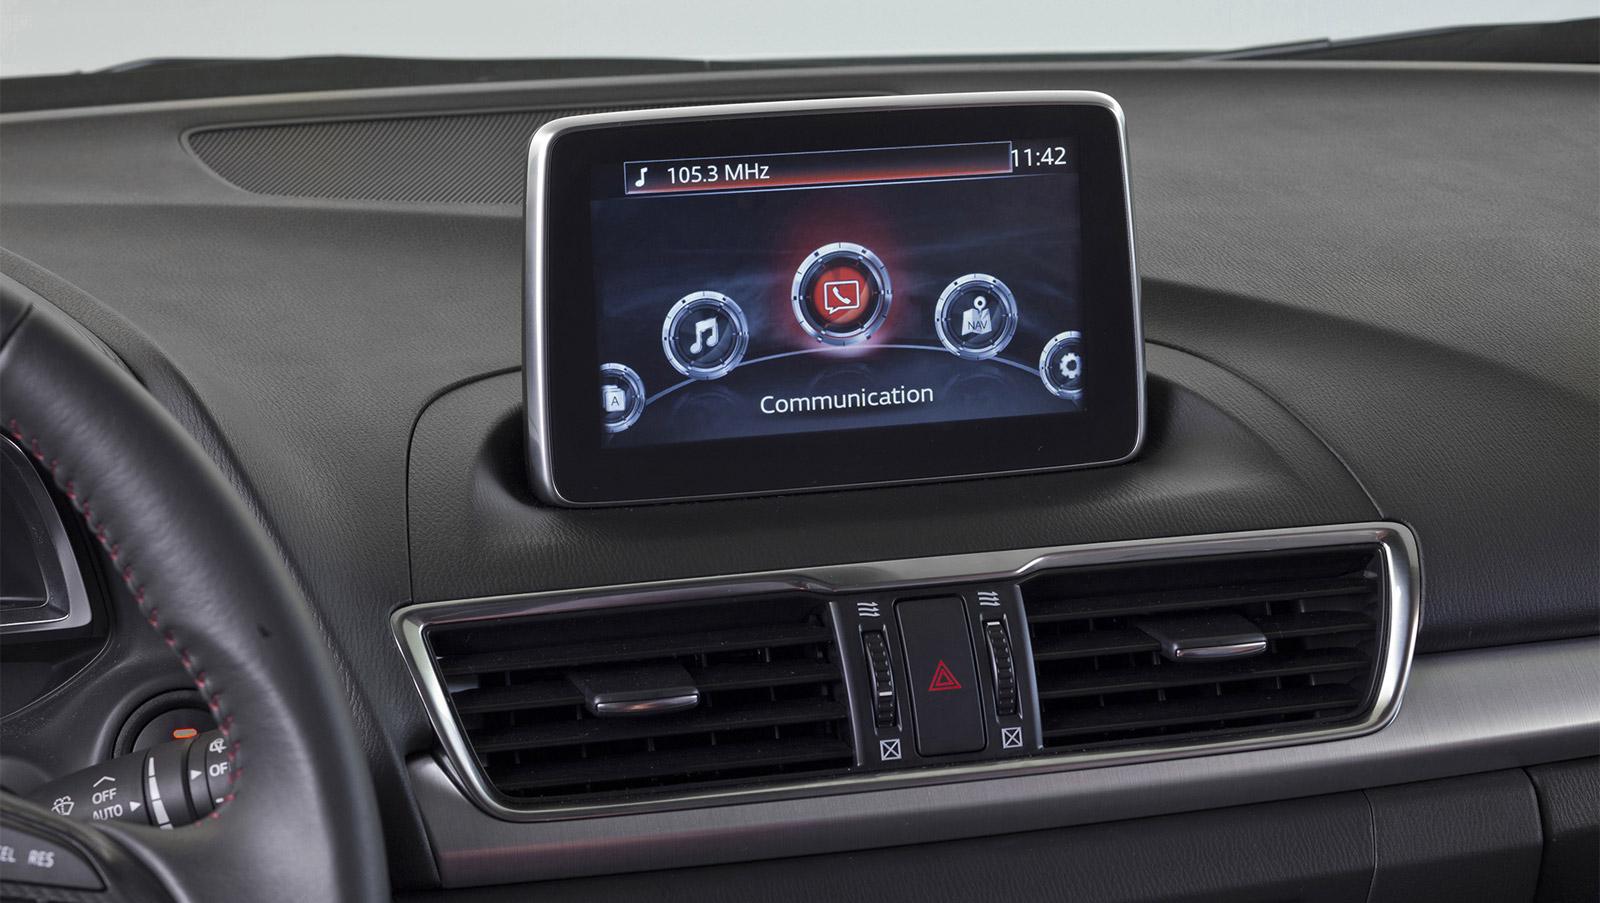 Mazda connect| Đầu DVD mazda 3 2015| Đầu DVD mazda 2 2015